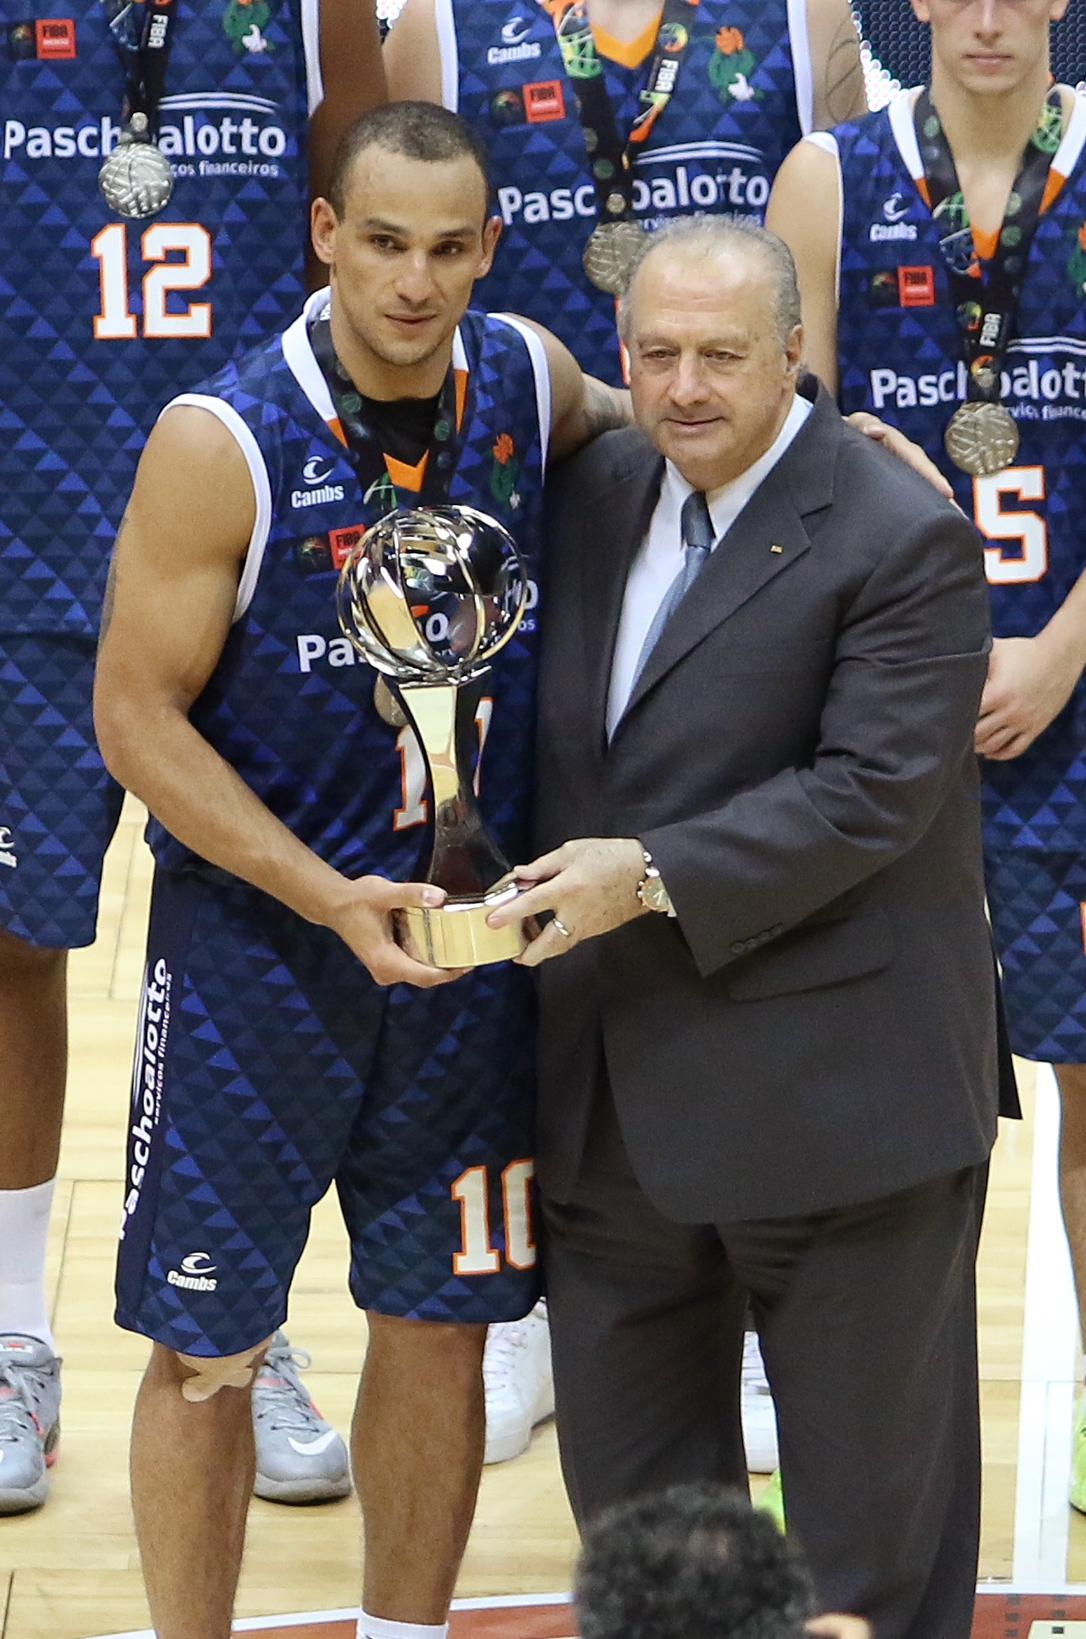 Alex Garcia levantou o troféu de vice-campeão Mundial da equipe bauruense (José Jiménez Tirado/FIBA Americas)